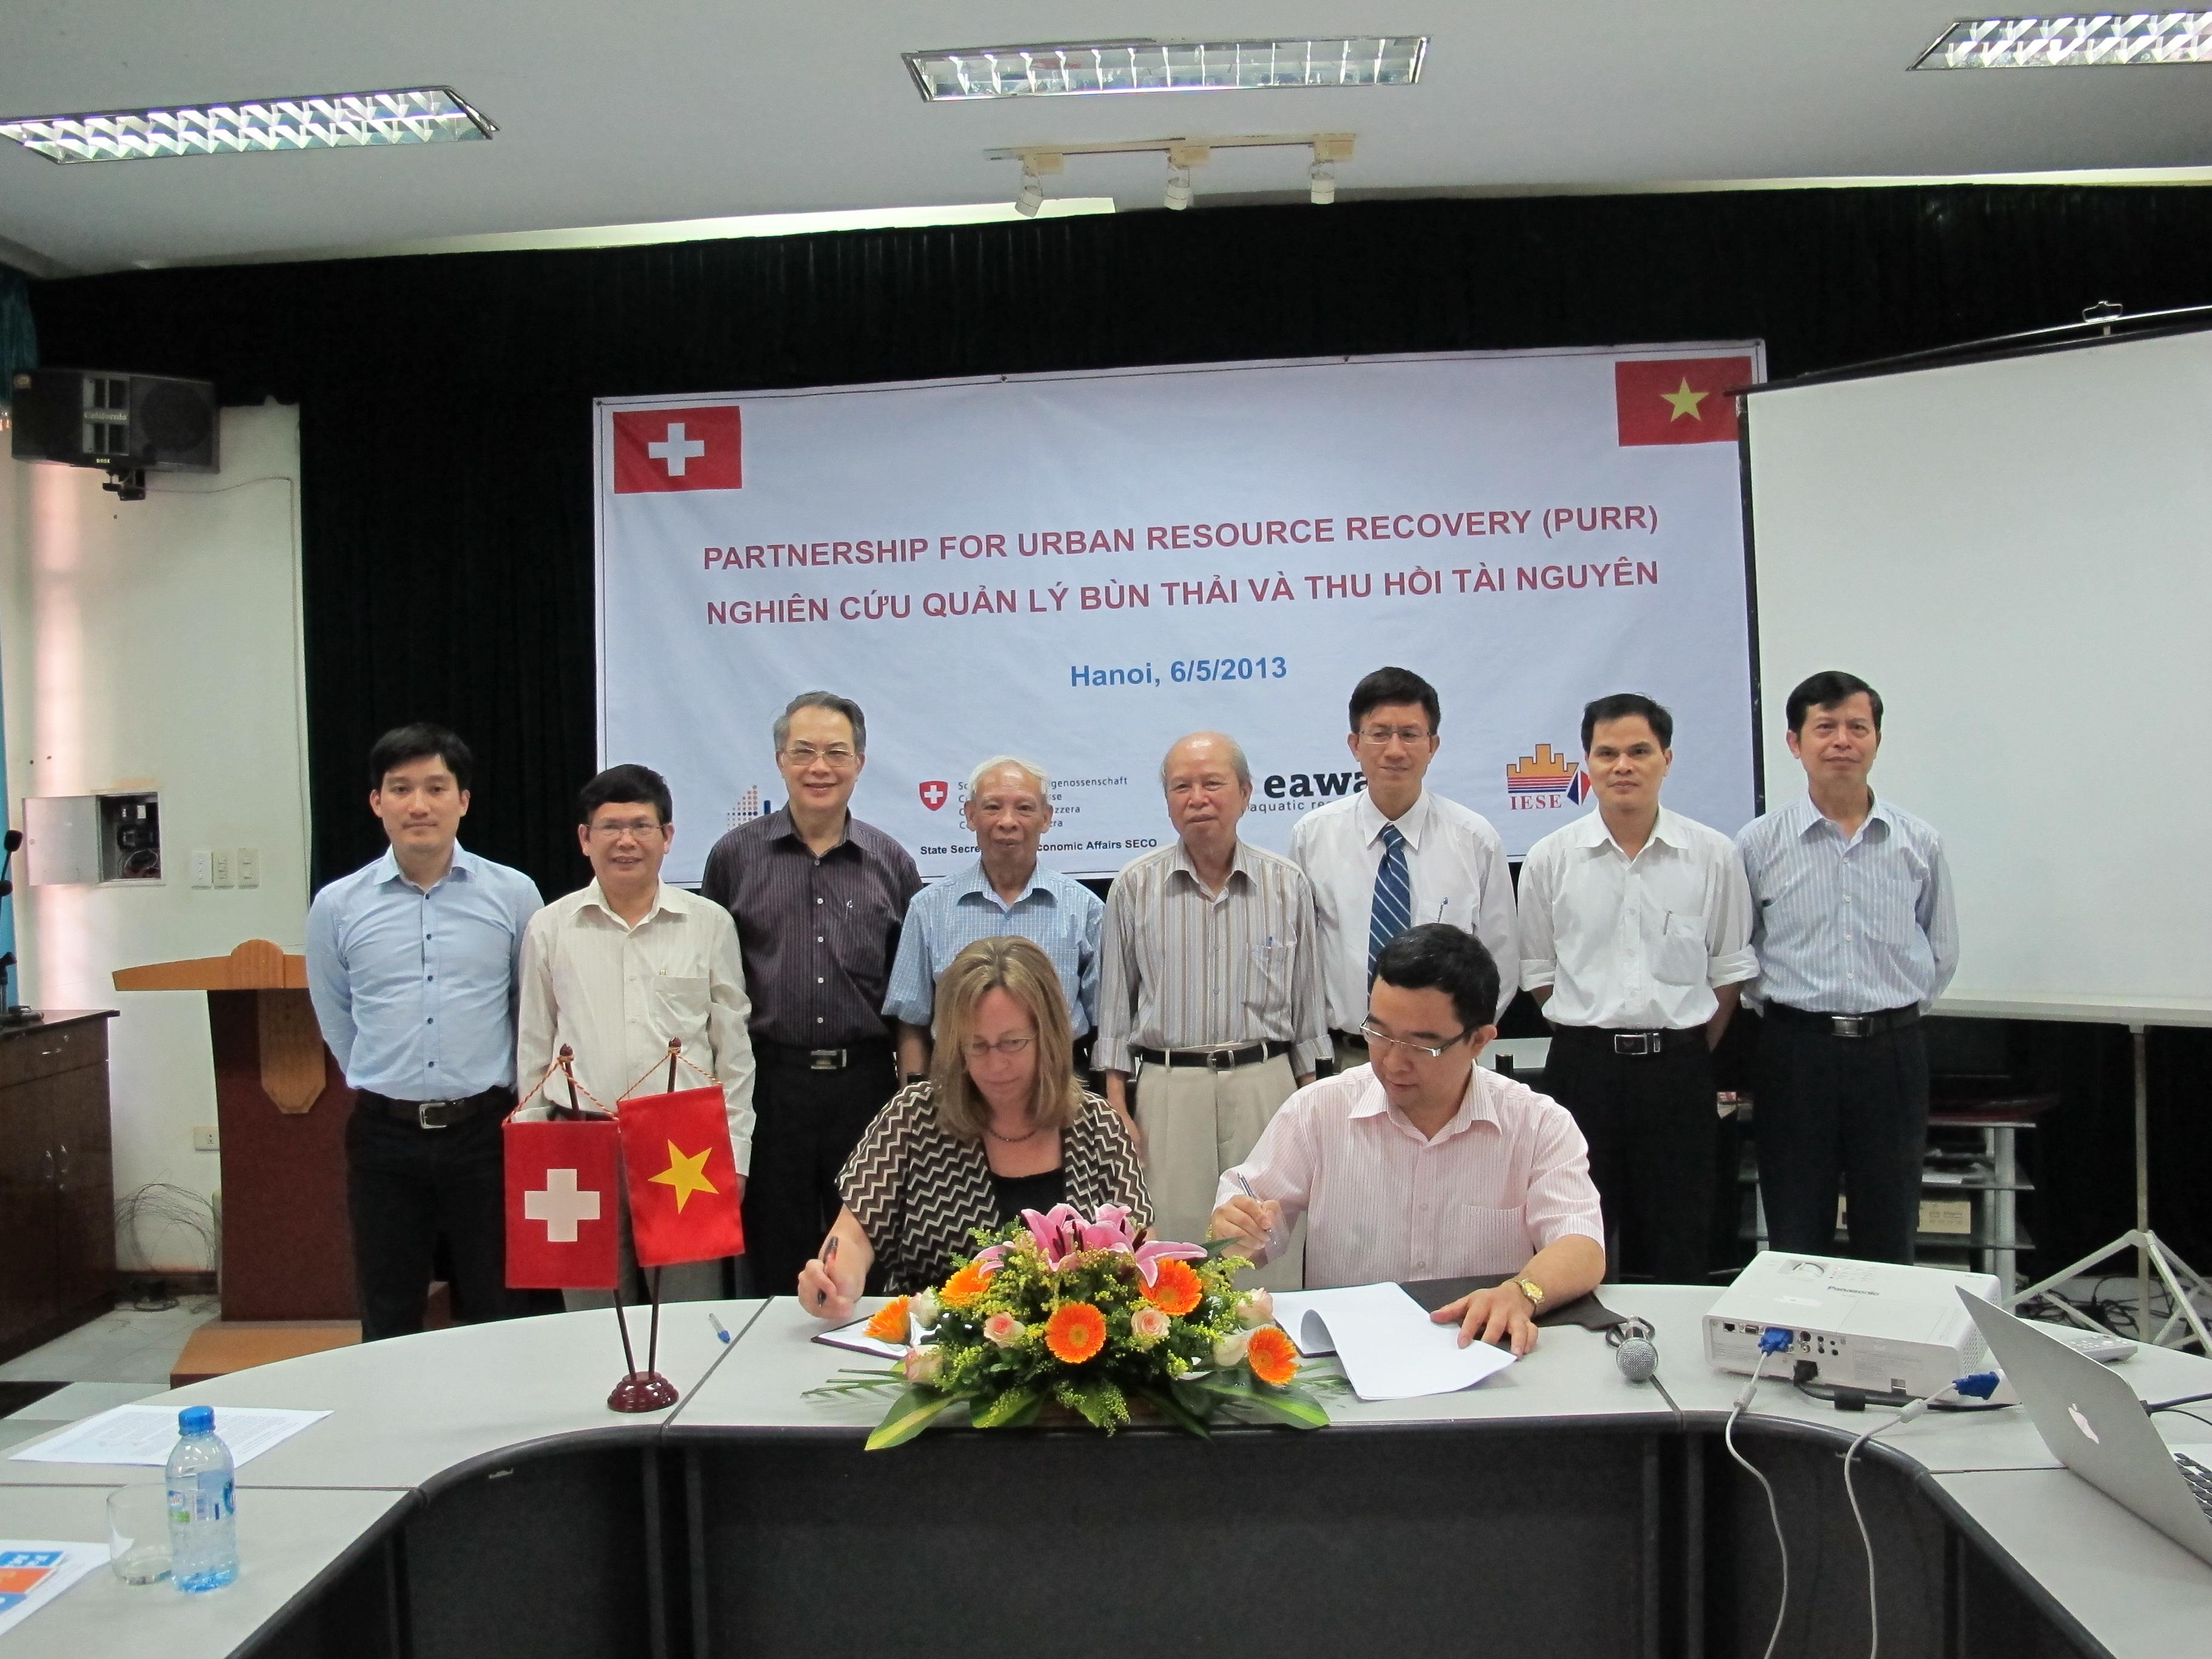 Lễ ký kết Thỏa thuận hợp tác với Viện NC Nước EAWAG, Thụy Sĩ